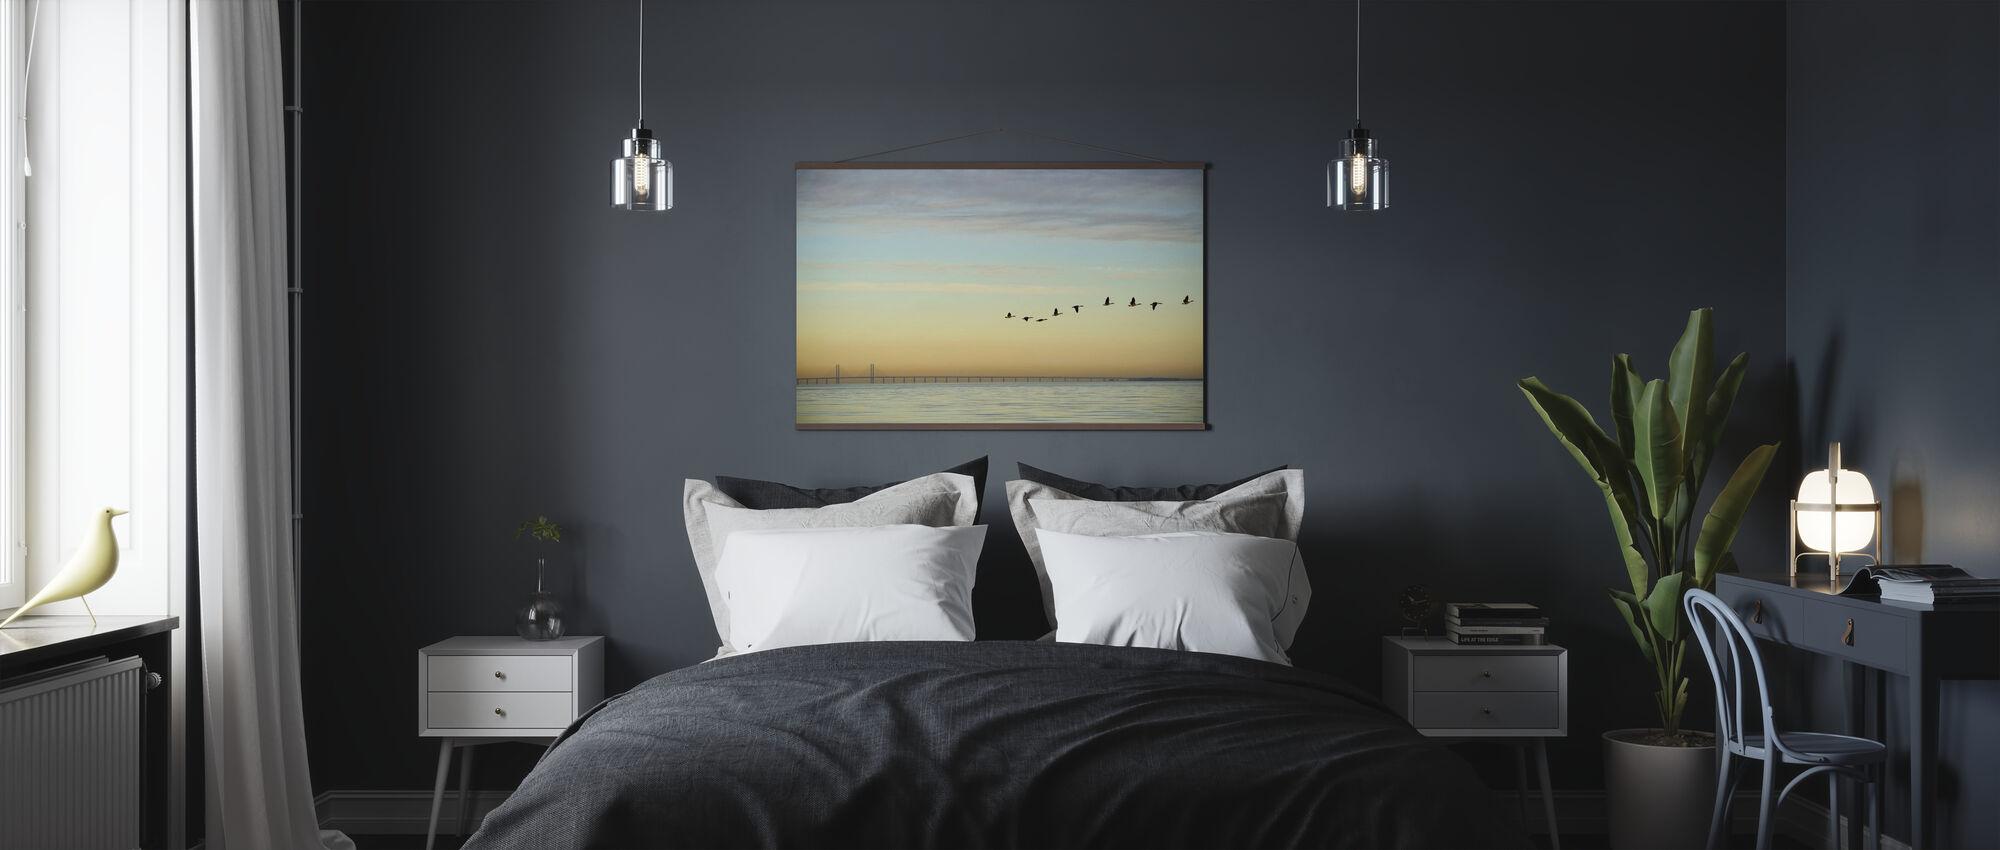 Flock of Birds - Poster - Bedroom